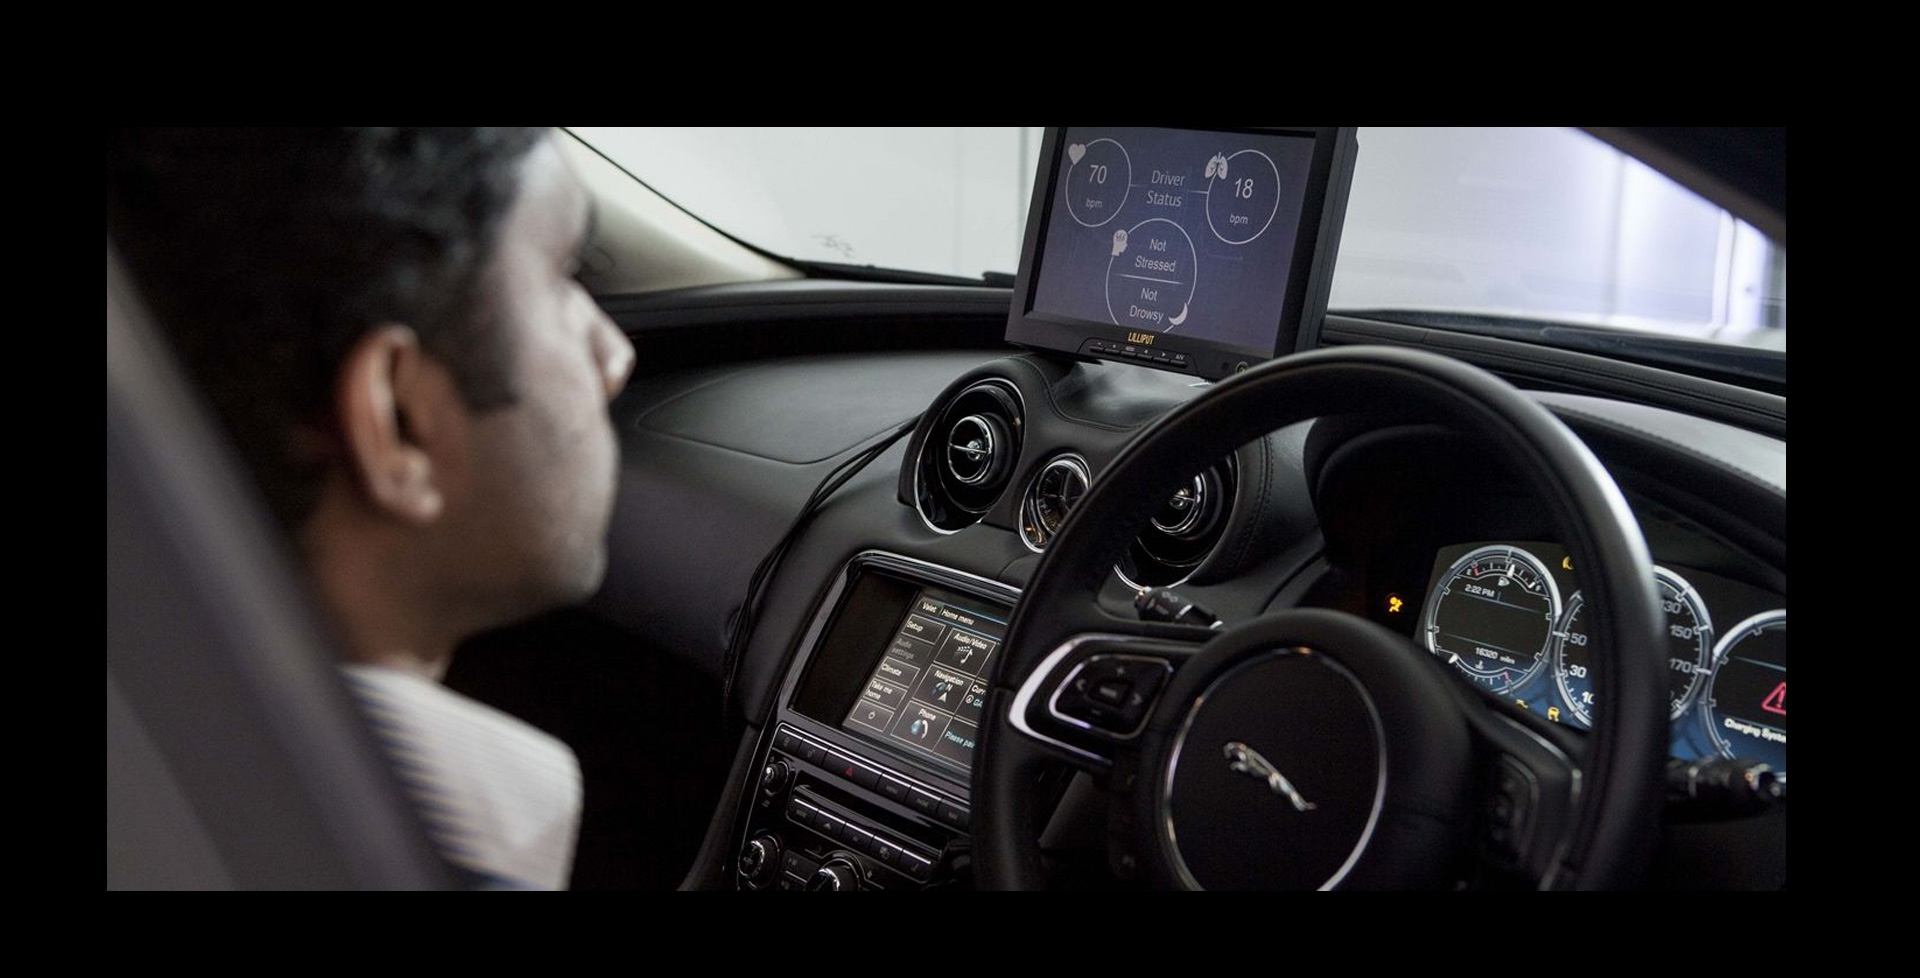 Jaguar Land Rover trabaja en proyecto que detecta cuándo existe una situación de riesgo para el conductor